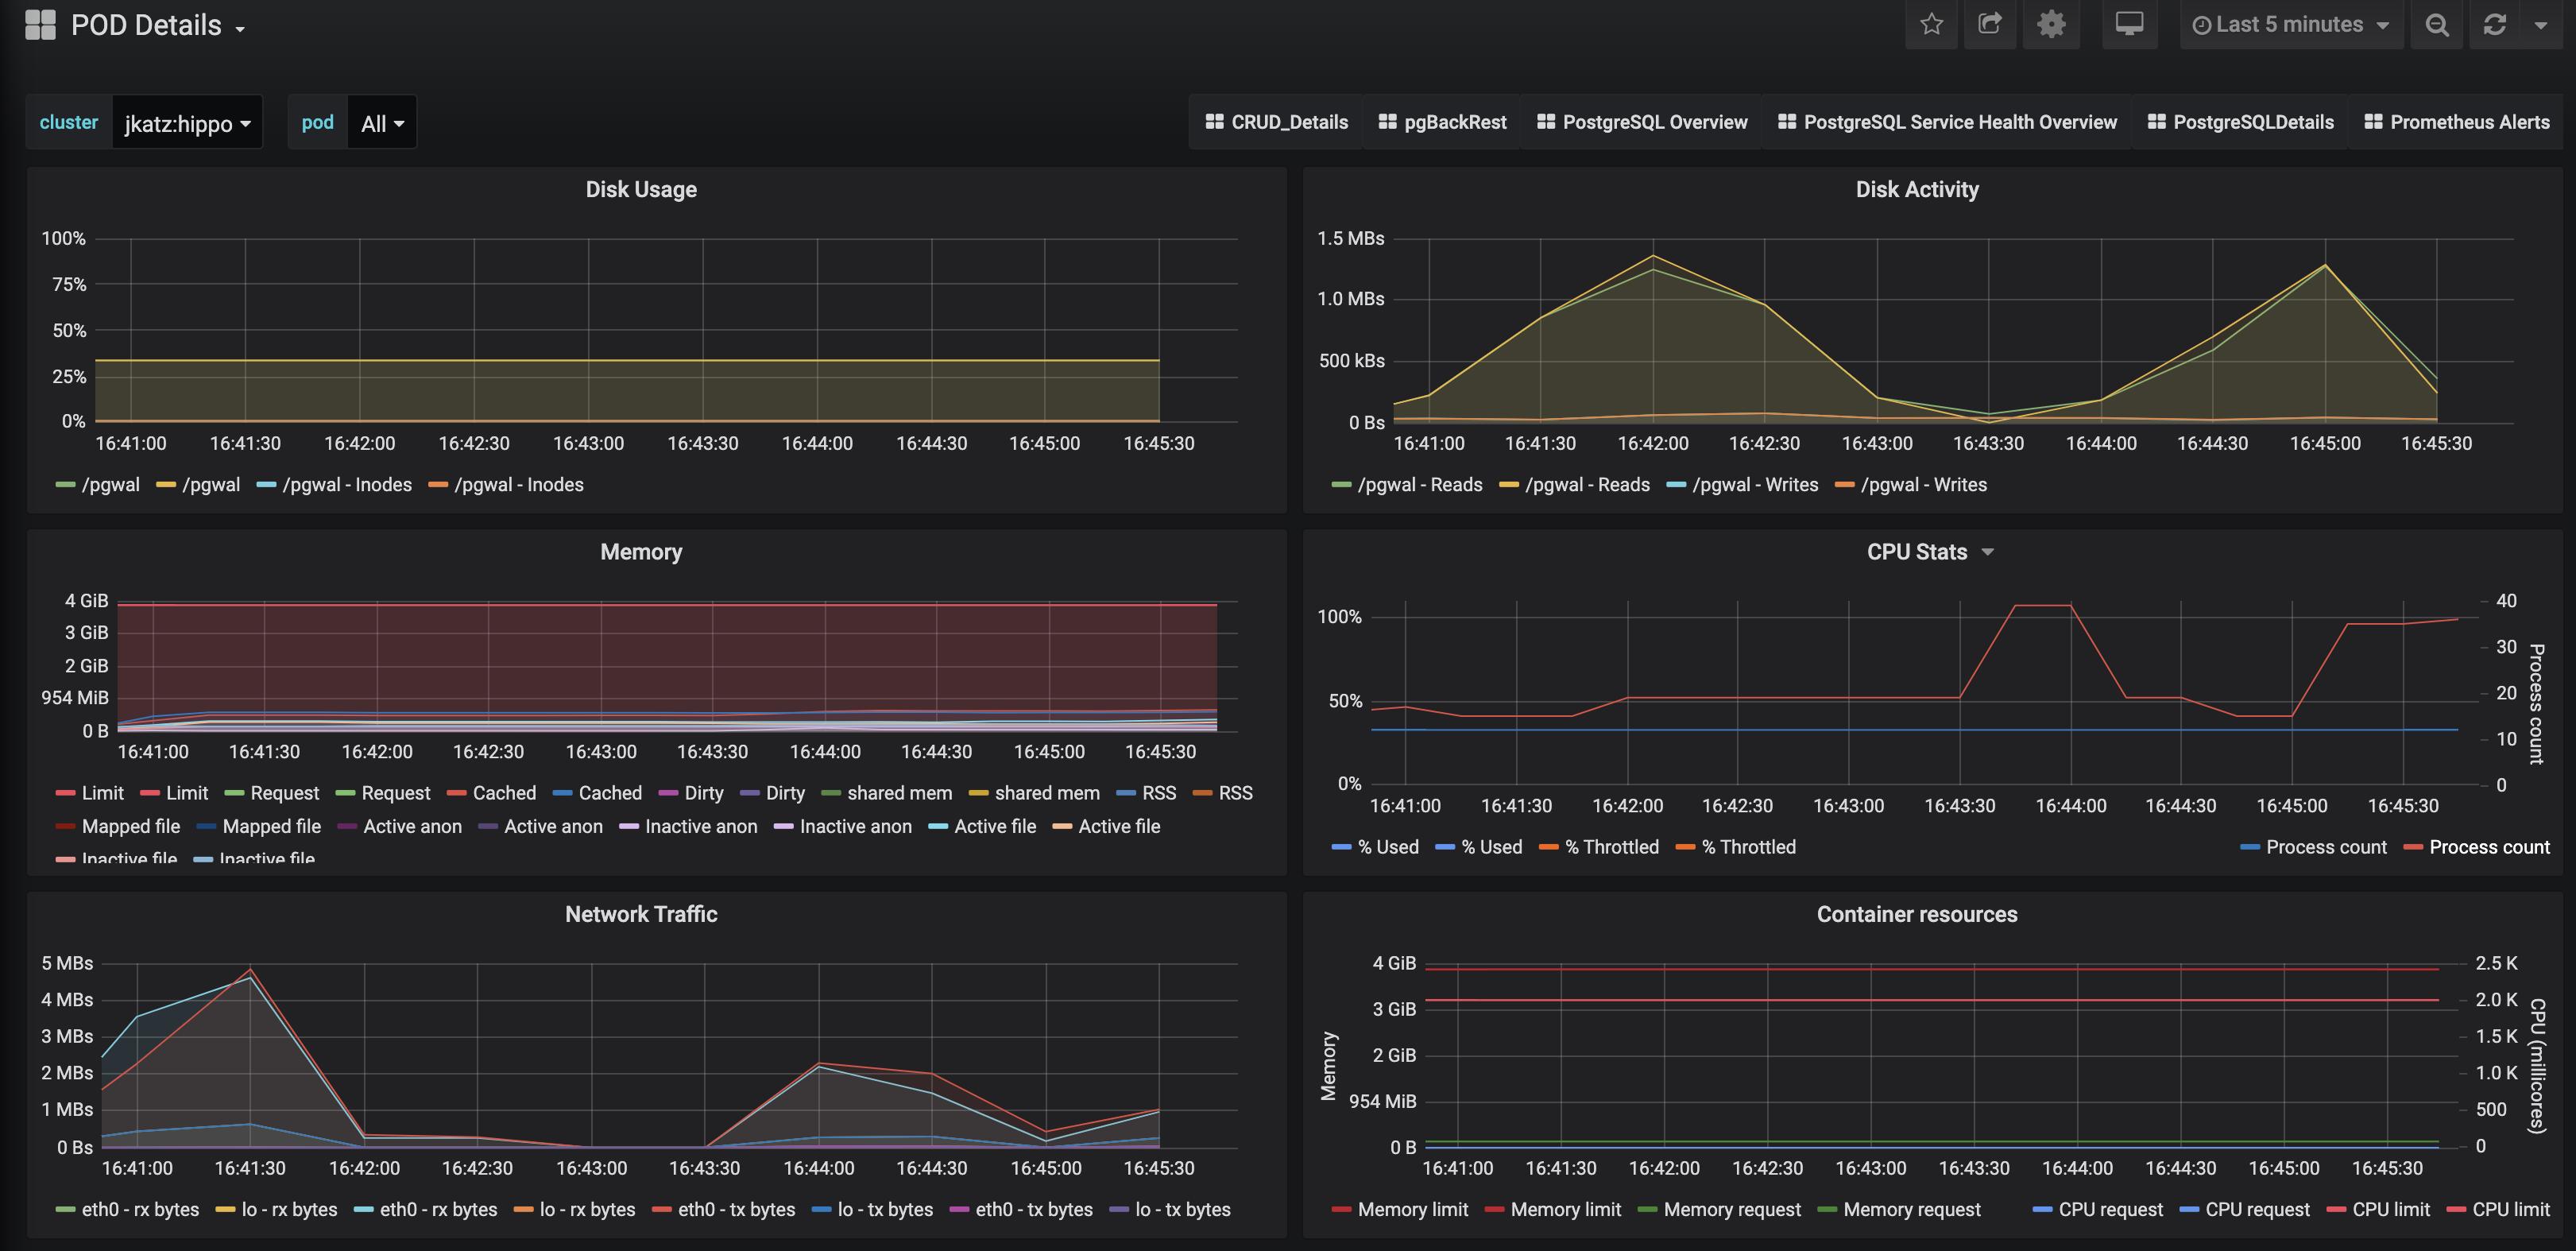 PostgreSQL Operator Monitoring - Pod Details